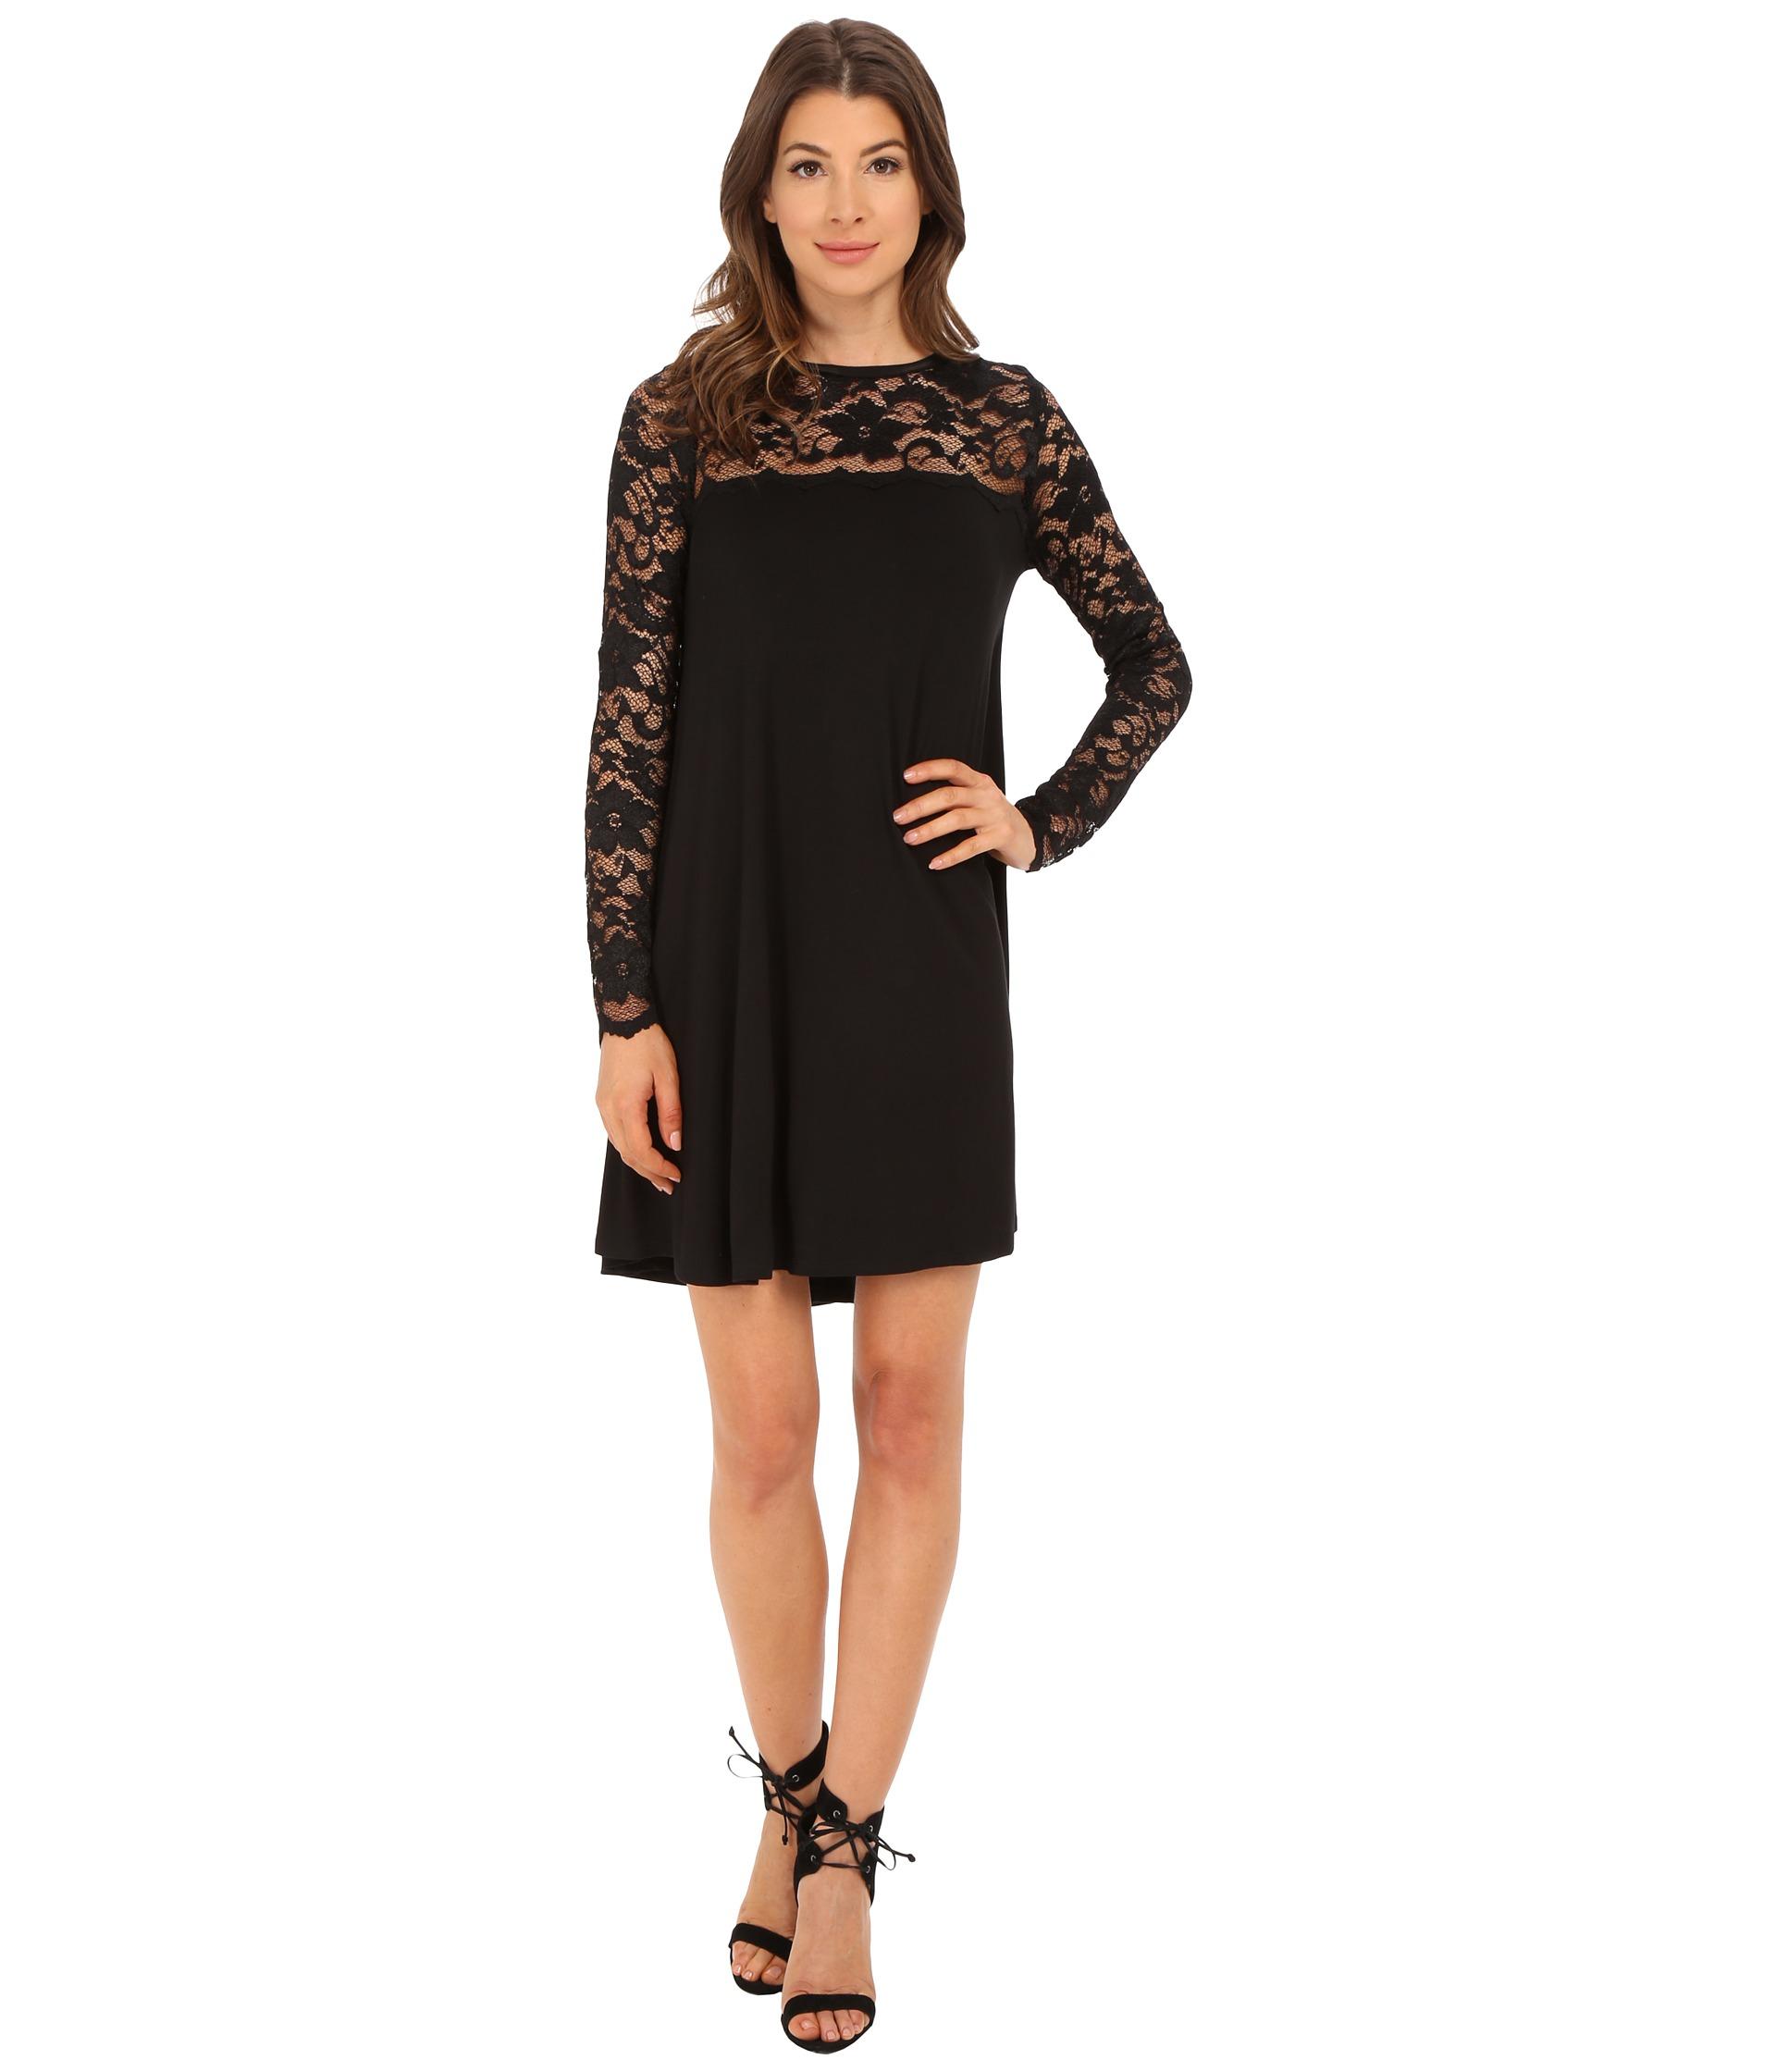 bab6857535a Karen Kane Long Sleeve Lace Yoke Swing Dress in Black - Lyst